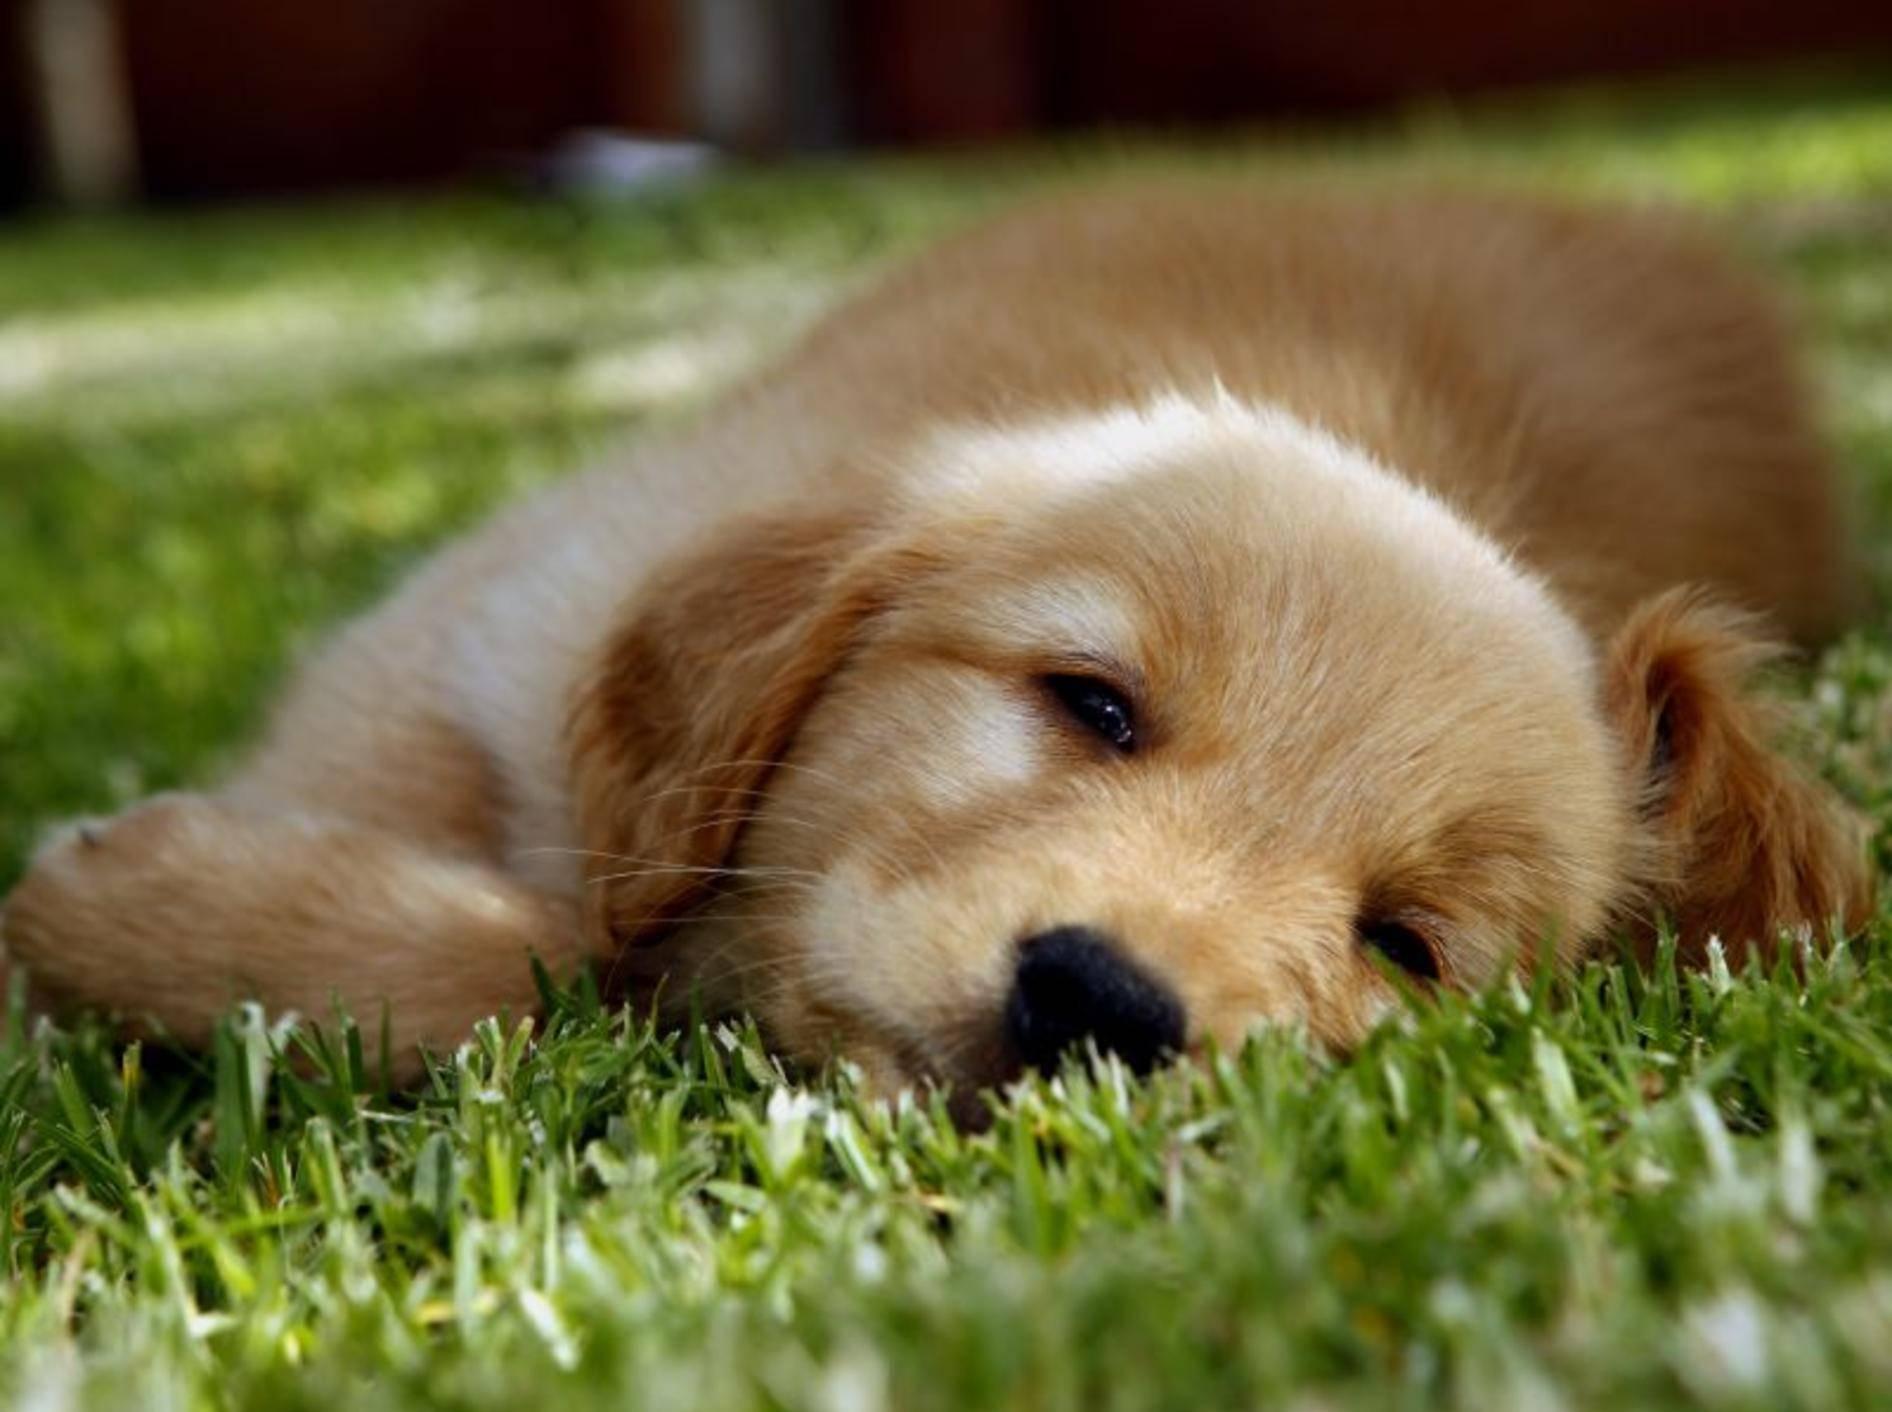 Erste Hilfe für Hunde: Ausrüstung für Notfälle — Bild: Shutterstock / Cristobal Garciaferro